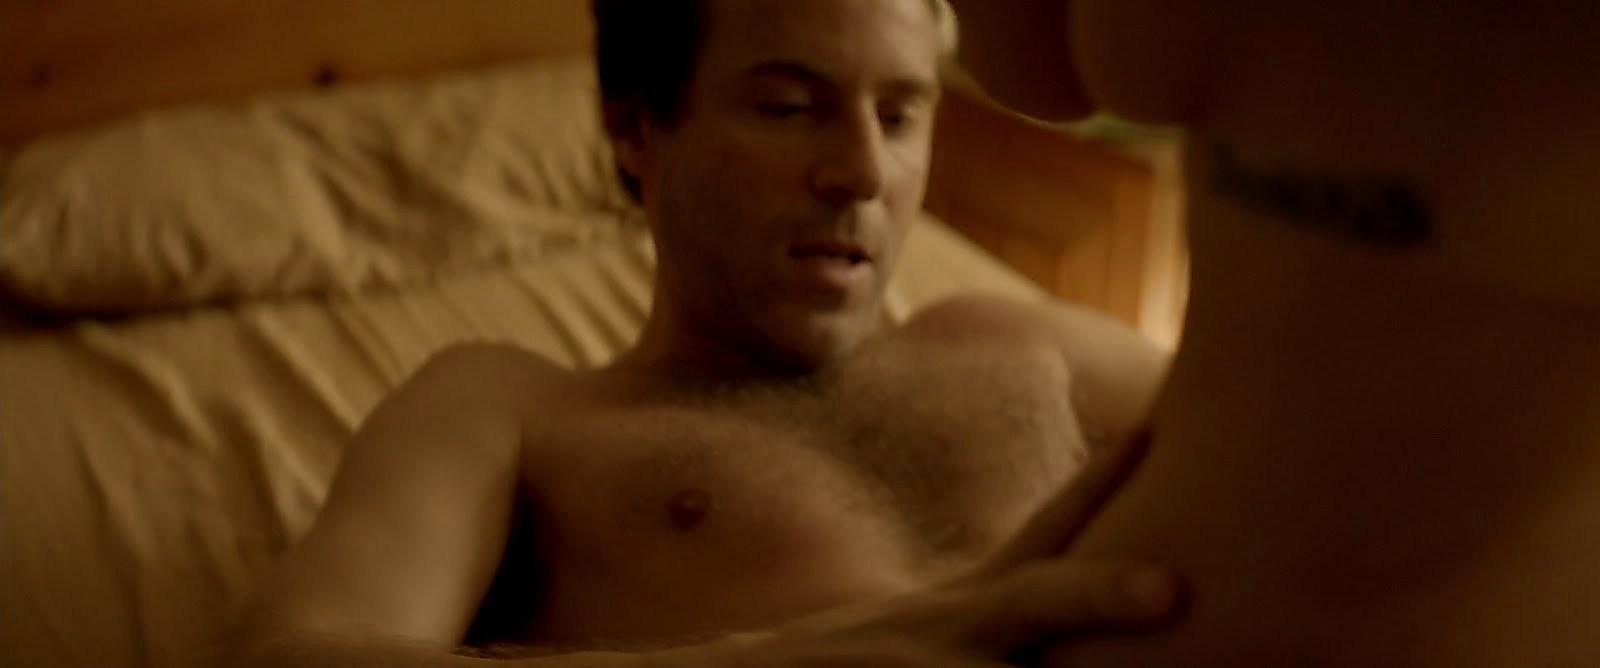 Alessandro Nivola sexy shirtless scene February 1, 2018, 11am